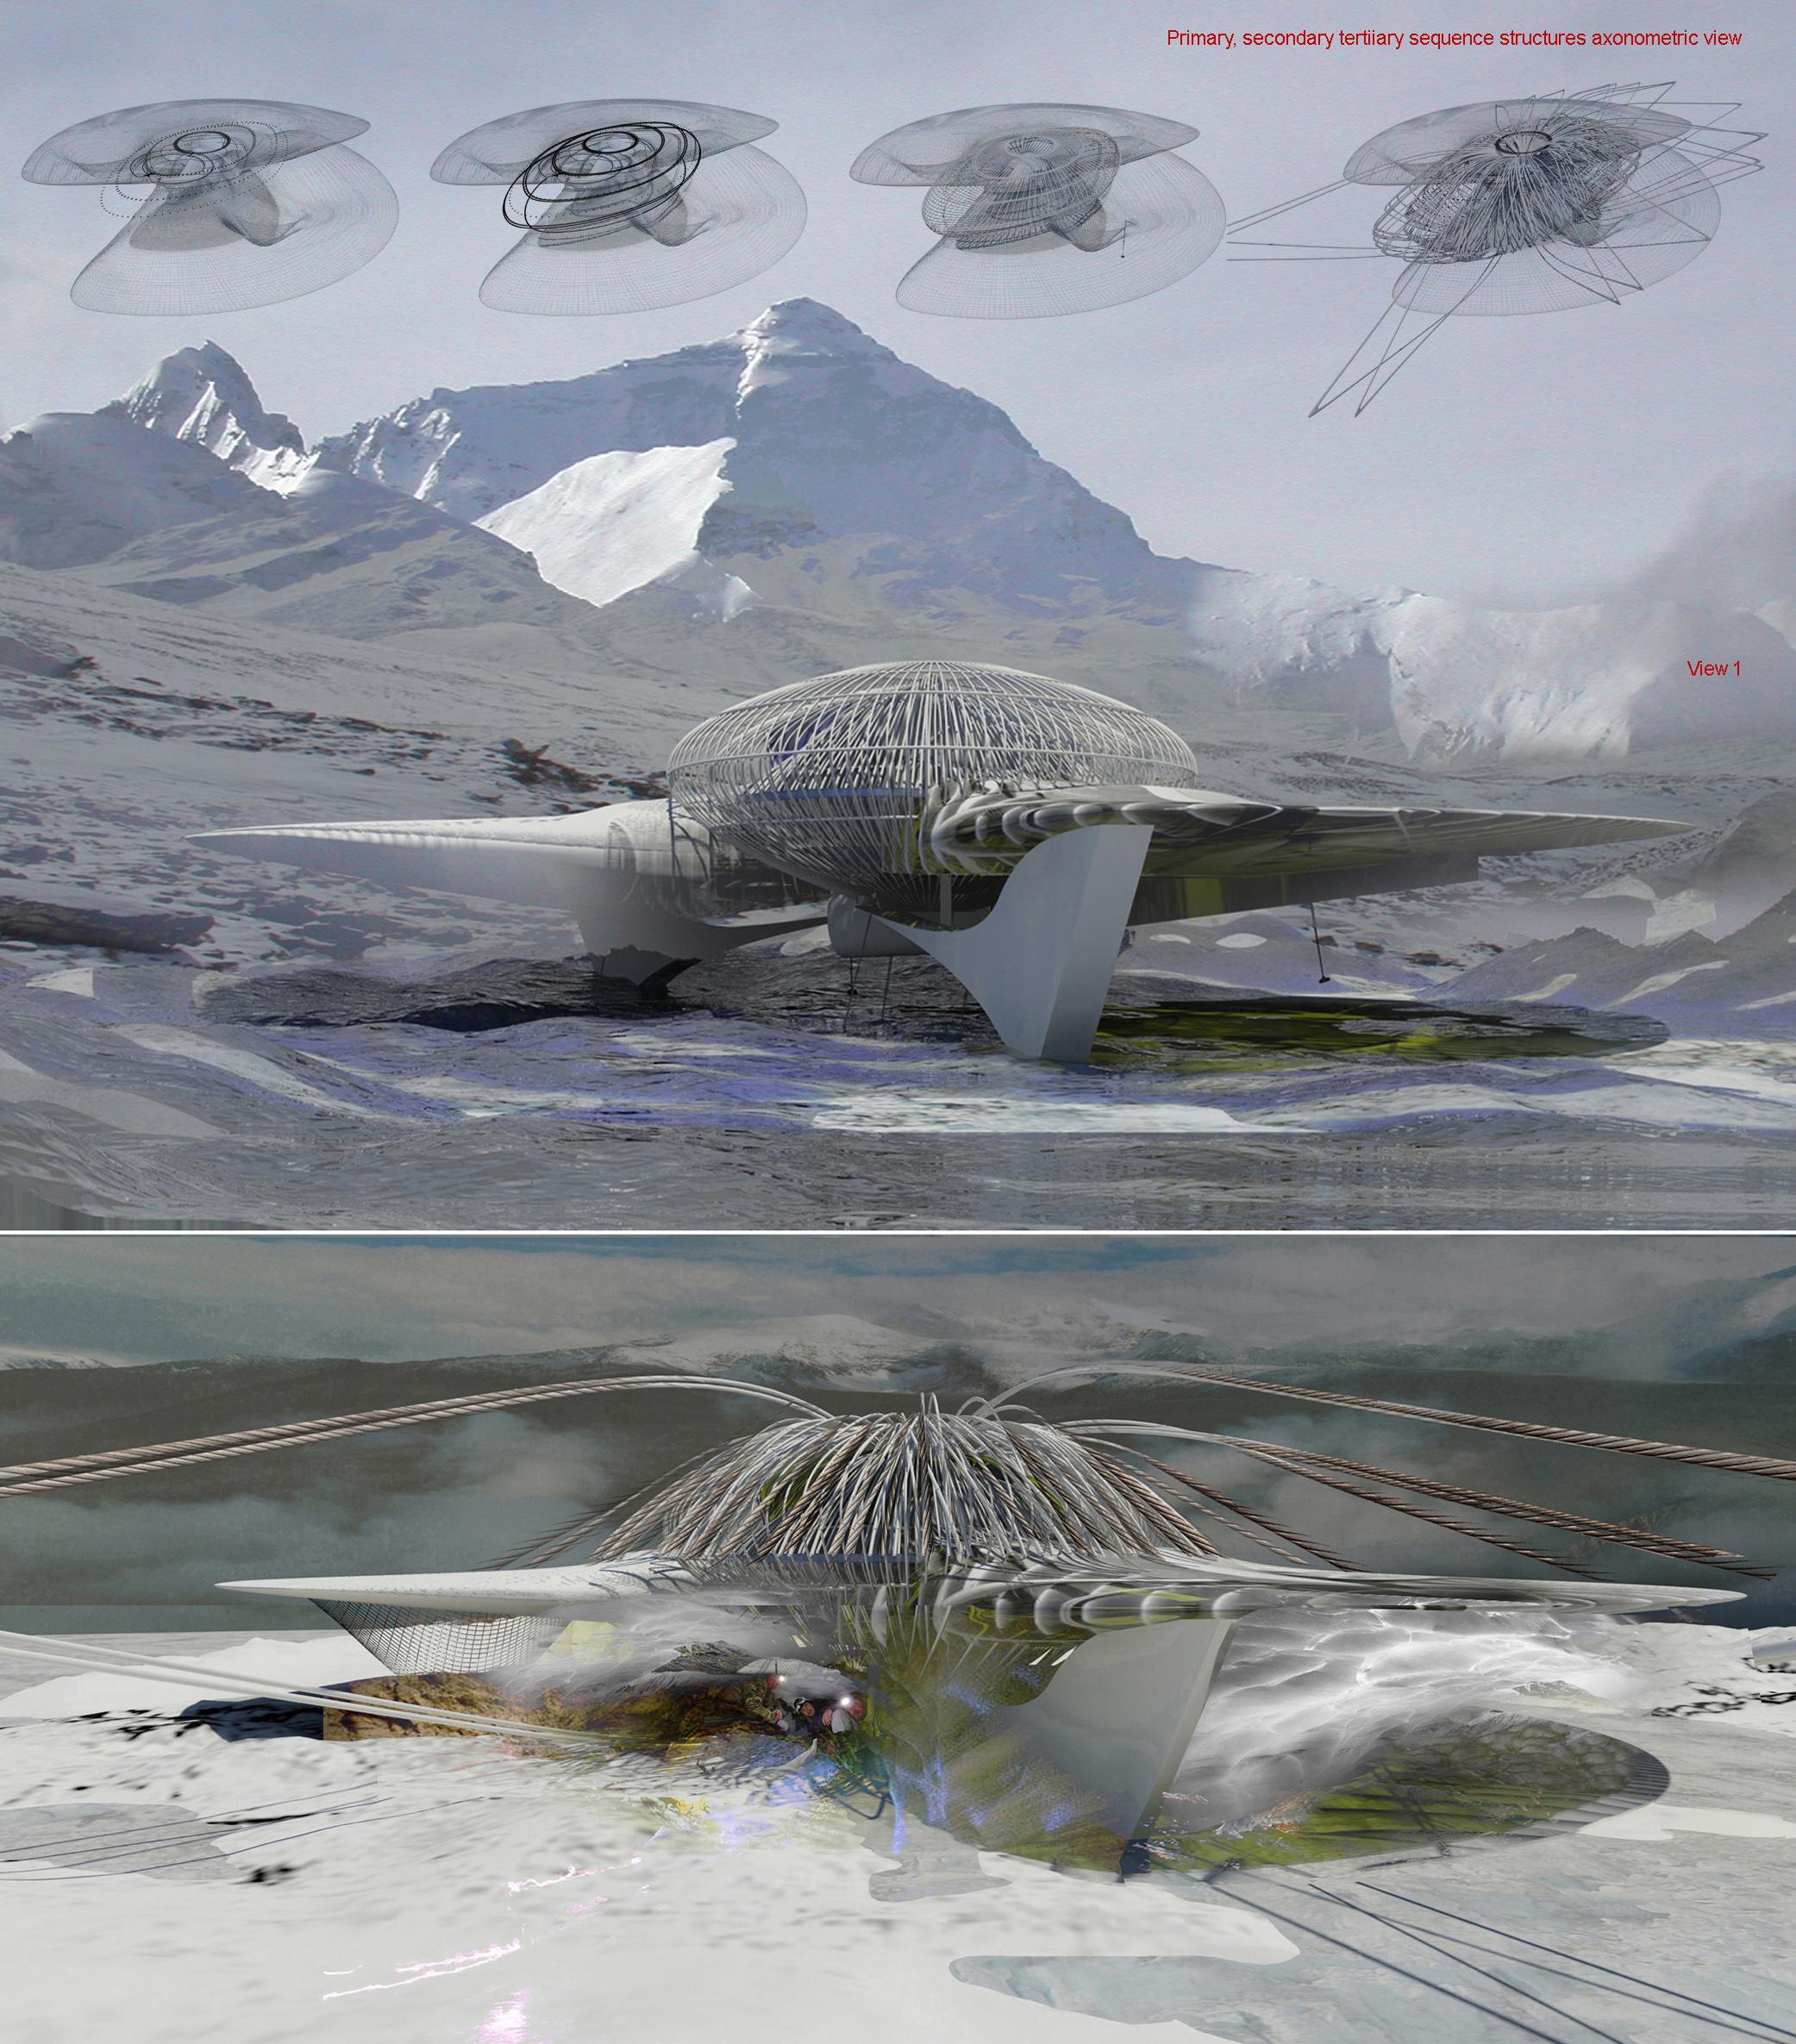 〔안정원의 디자인 칼럼〕 전문 산악인을 위한 비상 대피소 인공 눈굴 쉼터 디자인 2